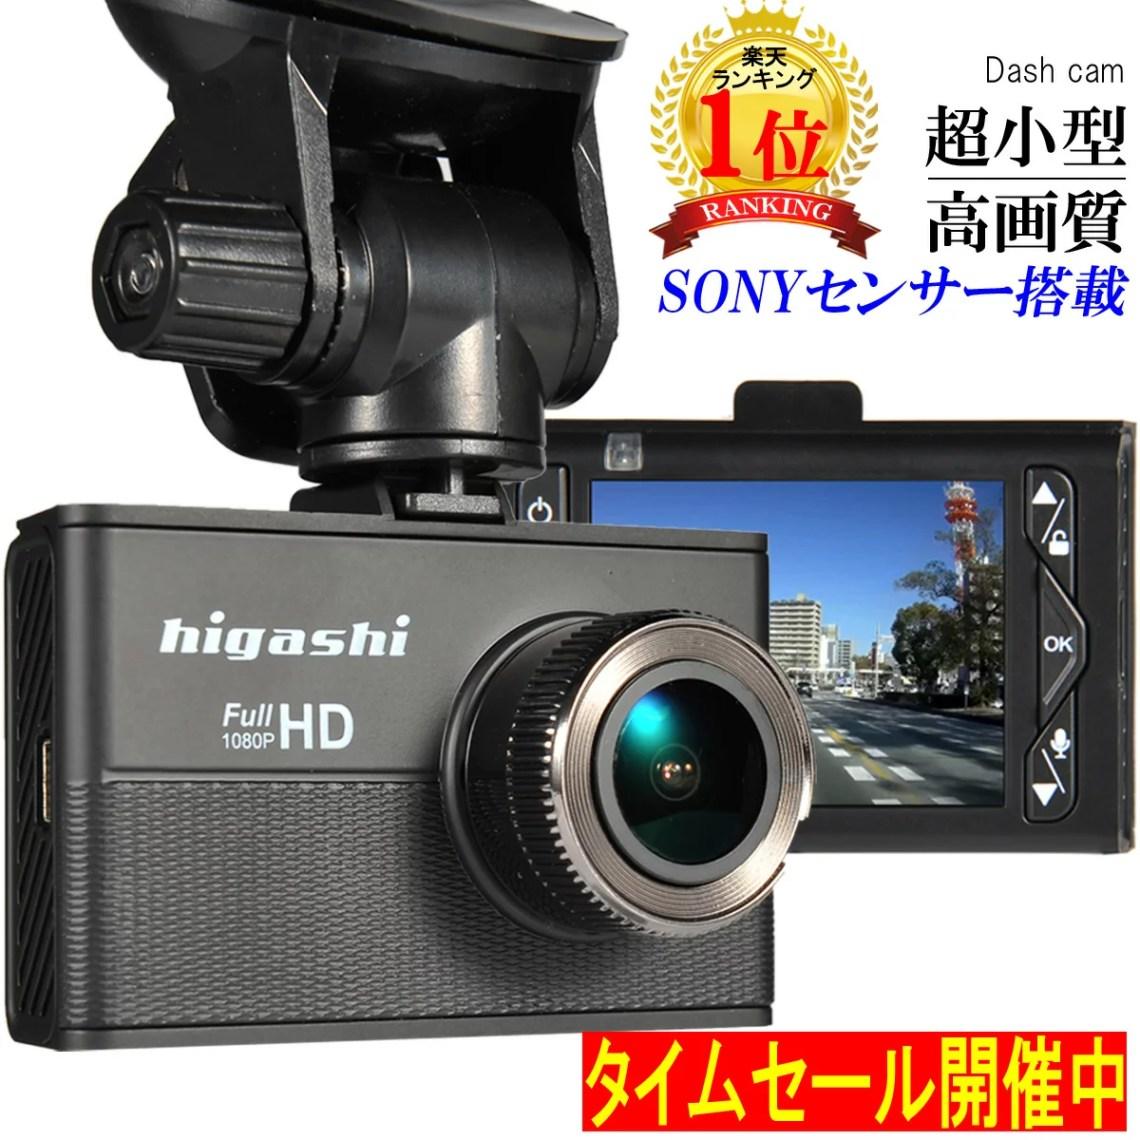 【ランキング1位 1000円クーポン】ドライブレコーダー ドラレコ 16GB SDカード プレゼント